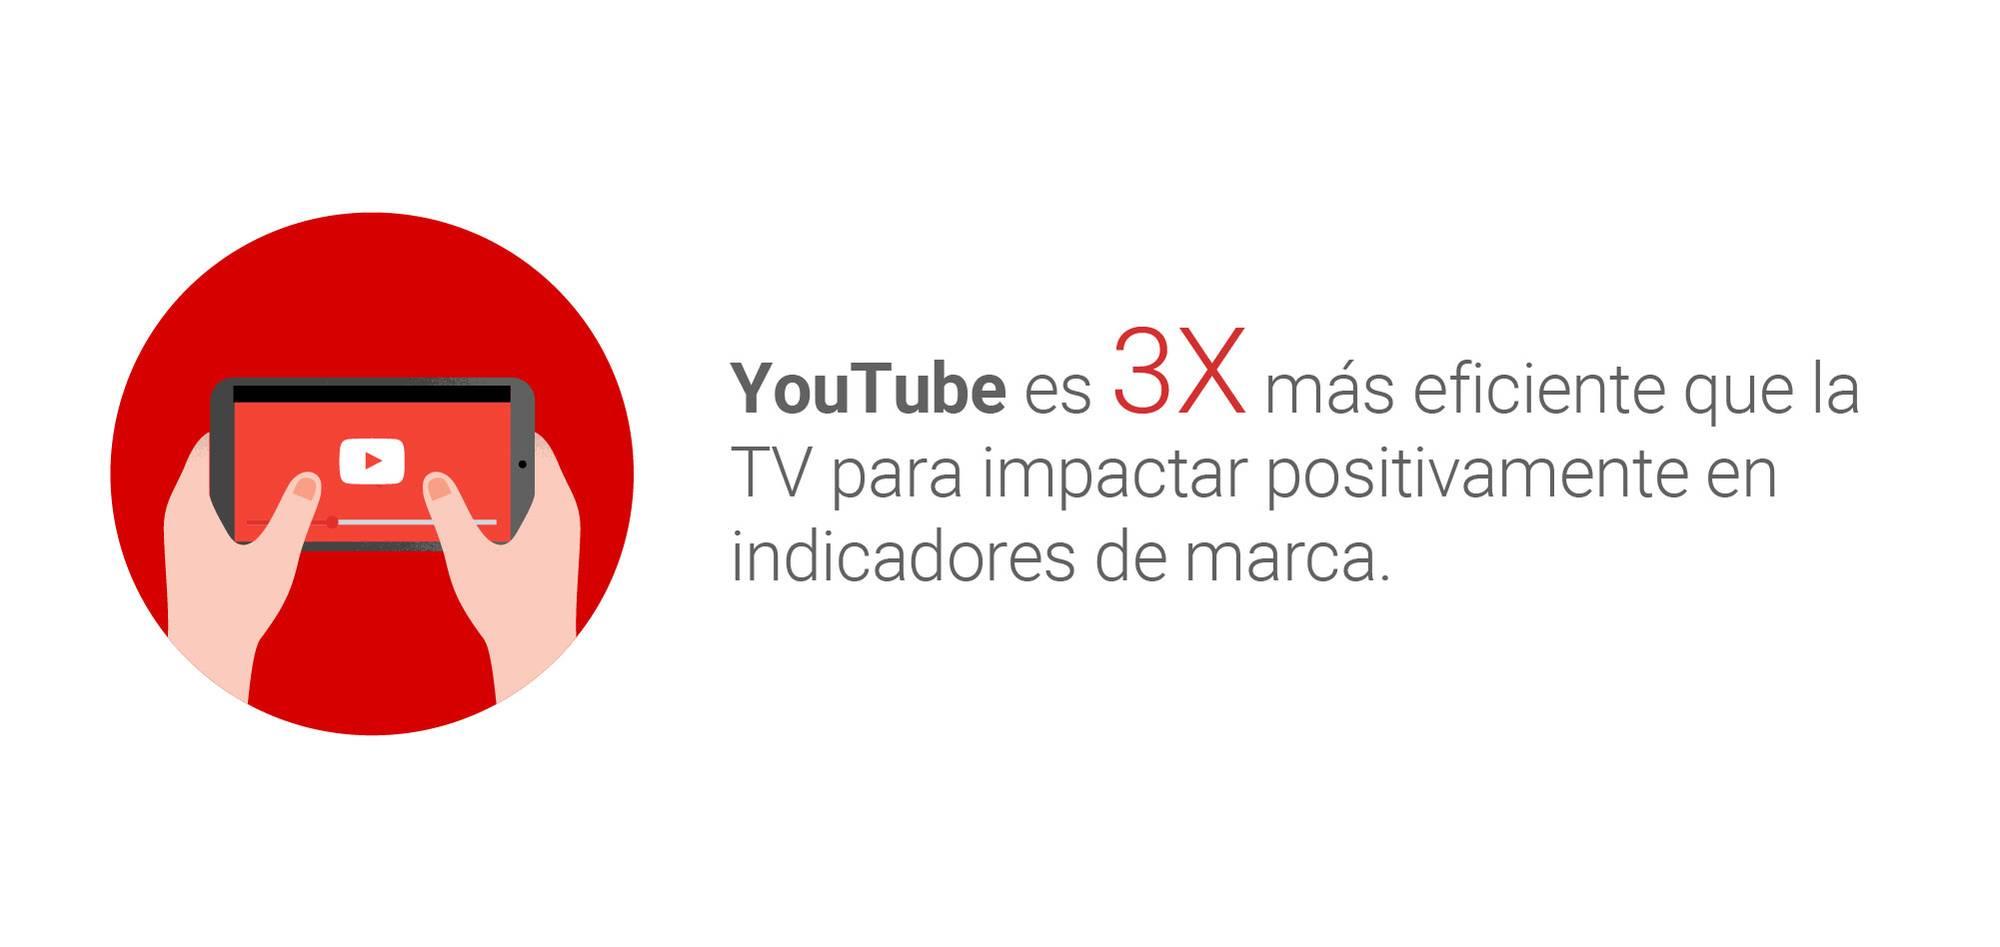 Youtube Vs TV